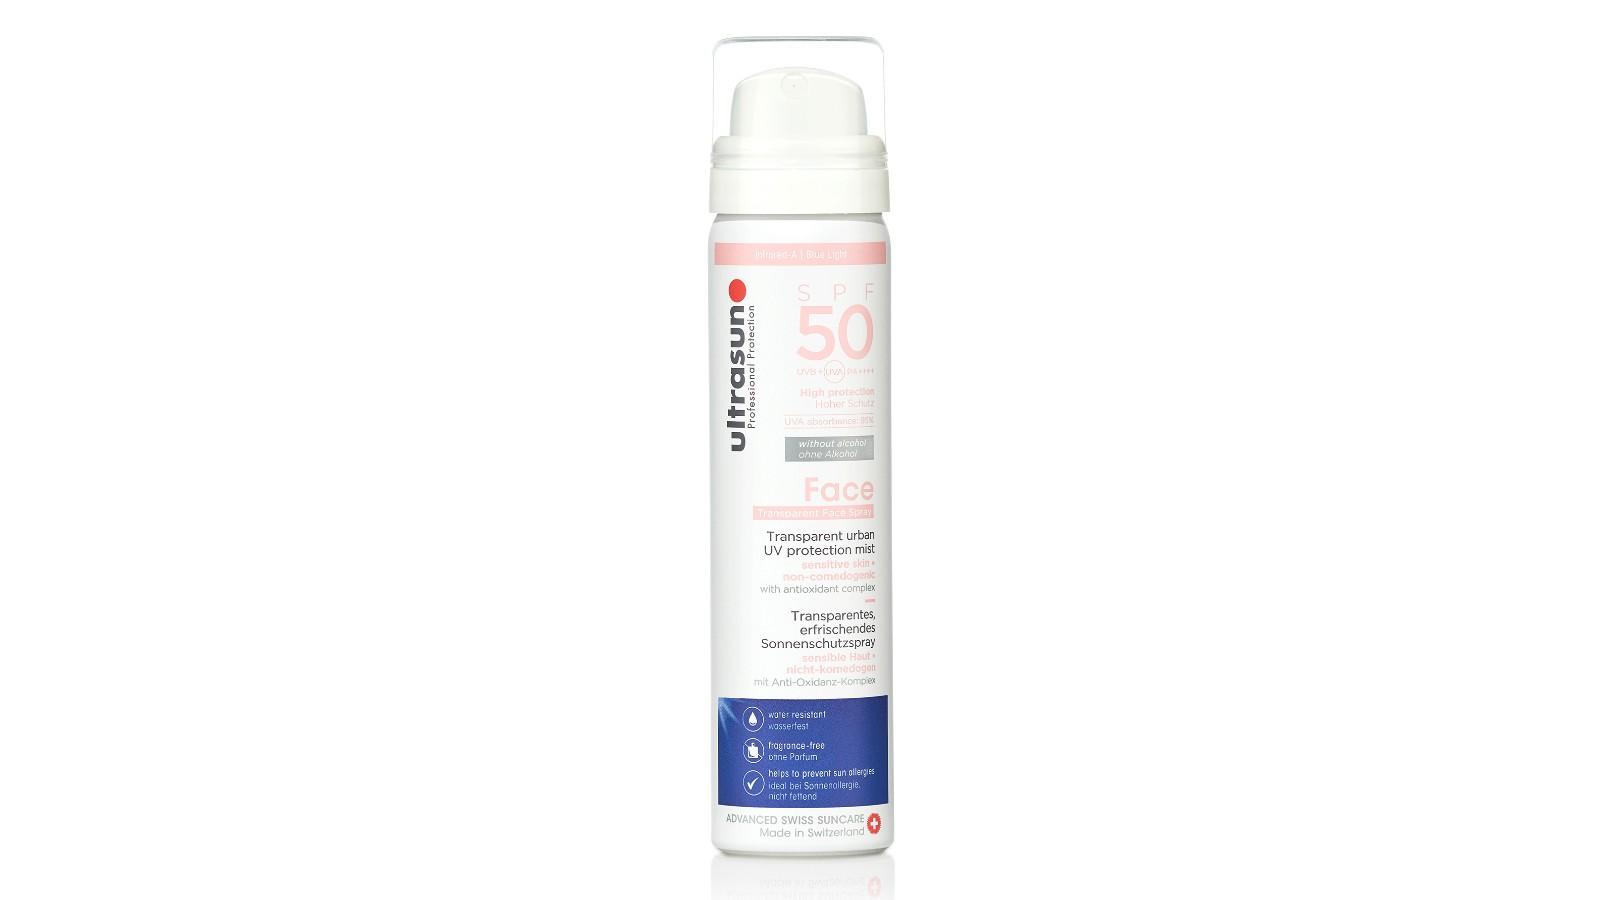 Brume visage et cuir chevelu Ultrasun UV